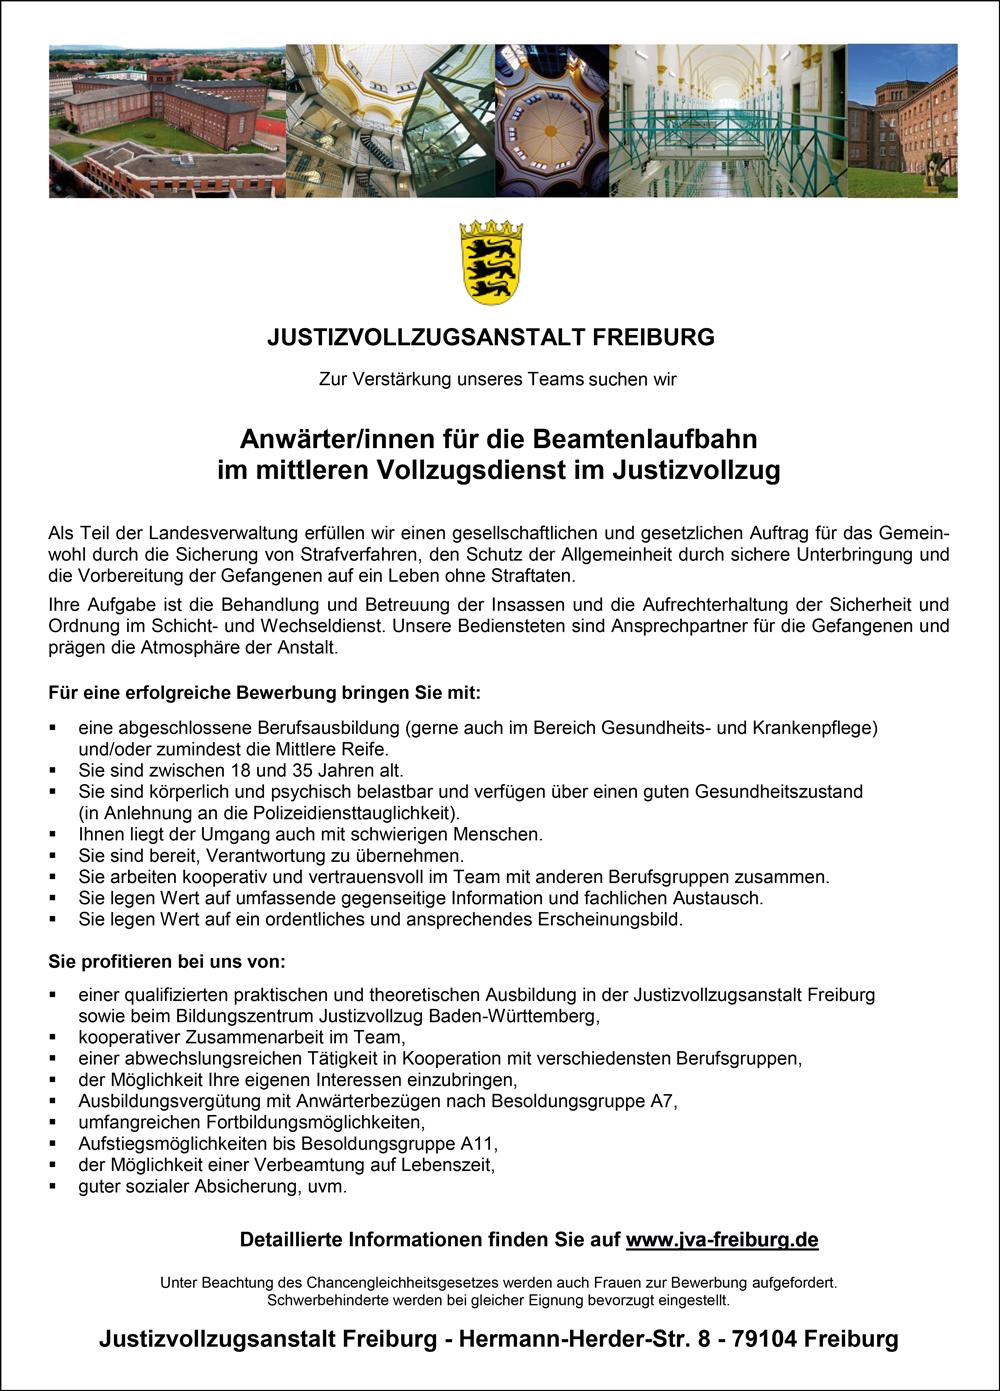 Anwärter / Anwärterinnen für die Beamtenlaufbahn im mittleren Vollzugsdienst im Justizvollzug - Justizvollzugsanstalt Freiburg - in Freiburg im Breisgau - stellenecho.de